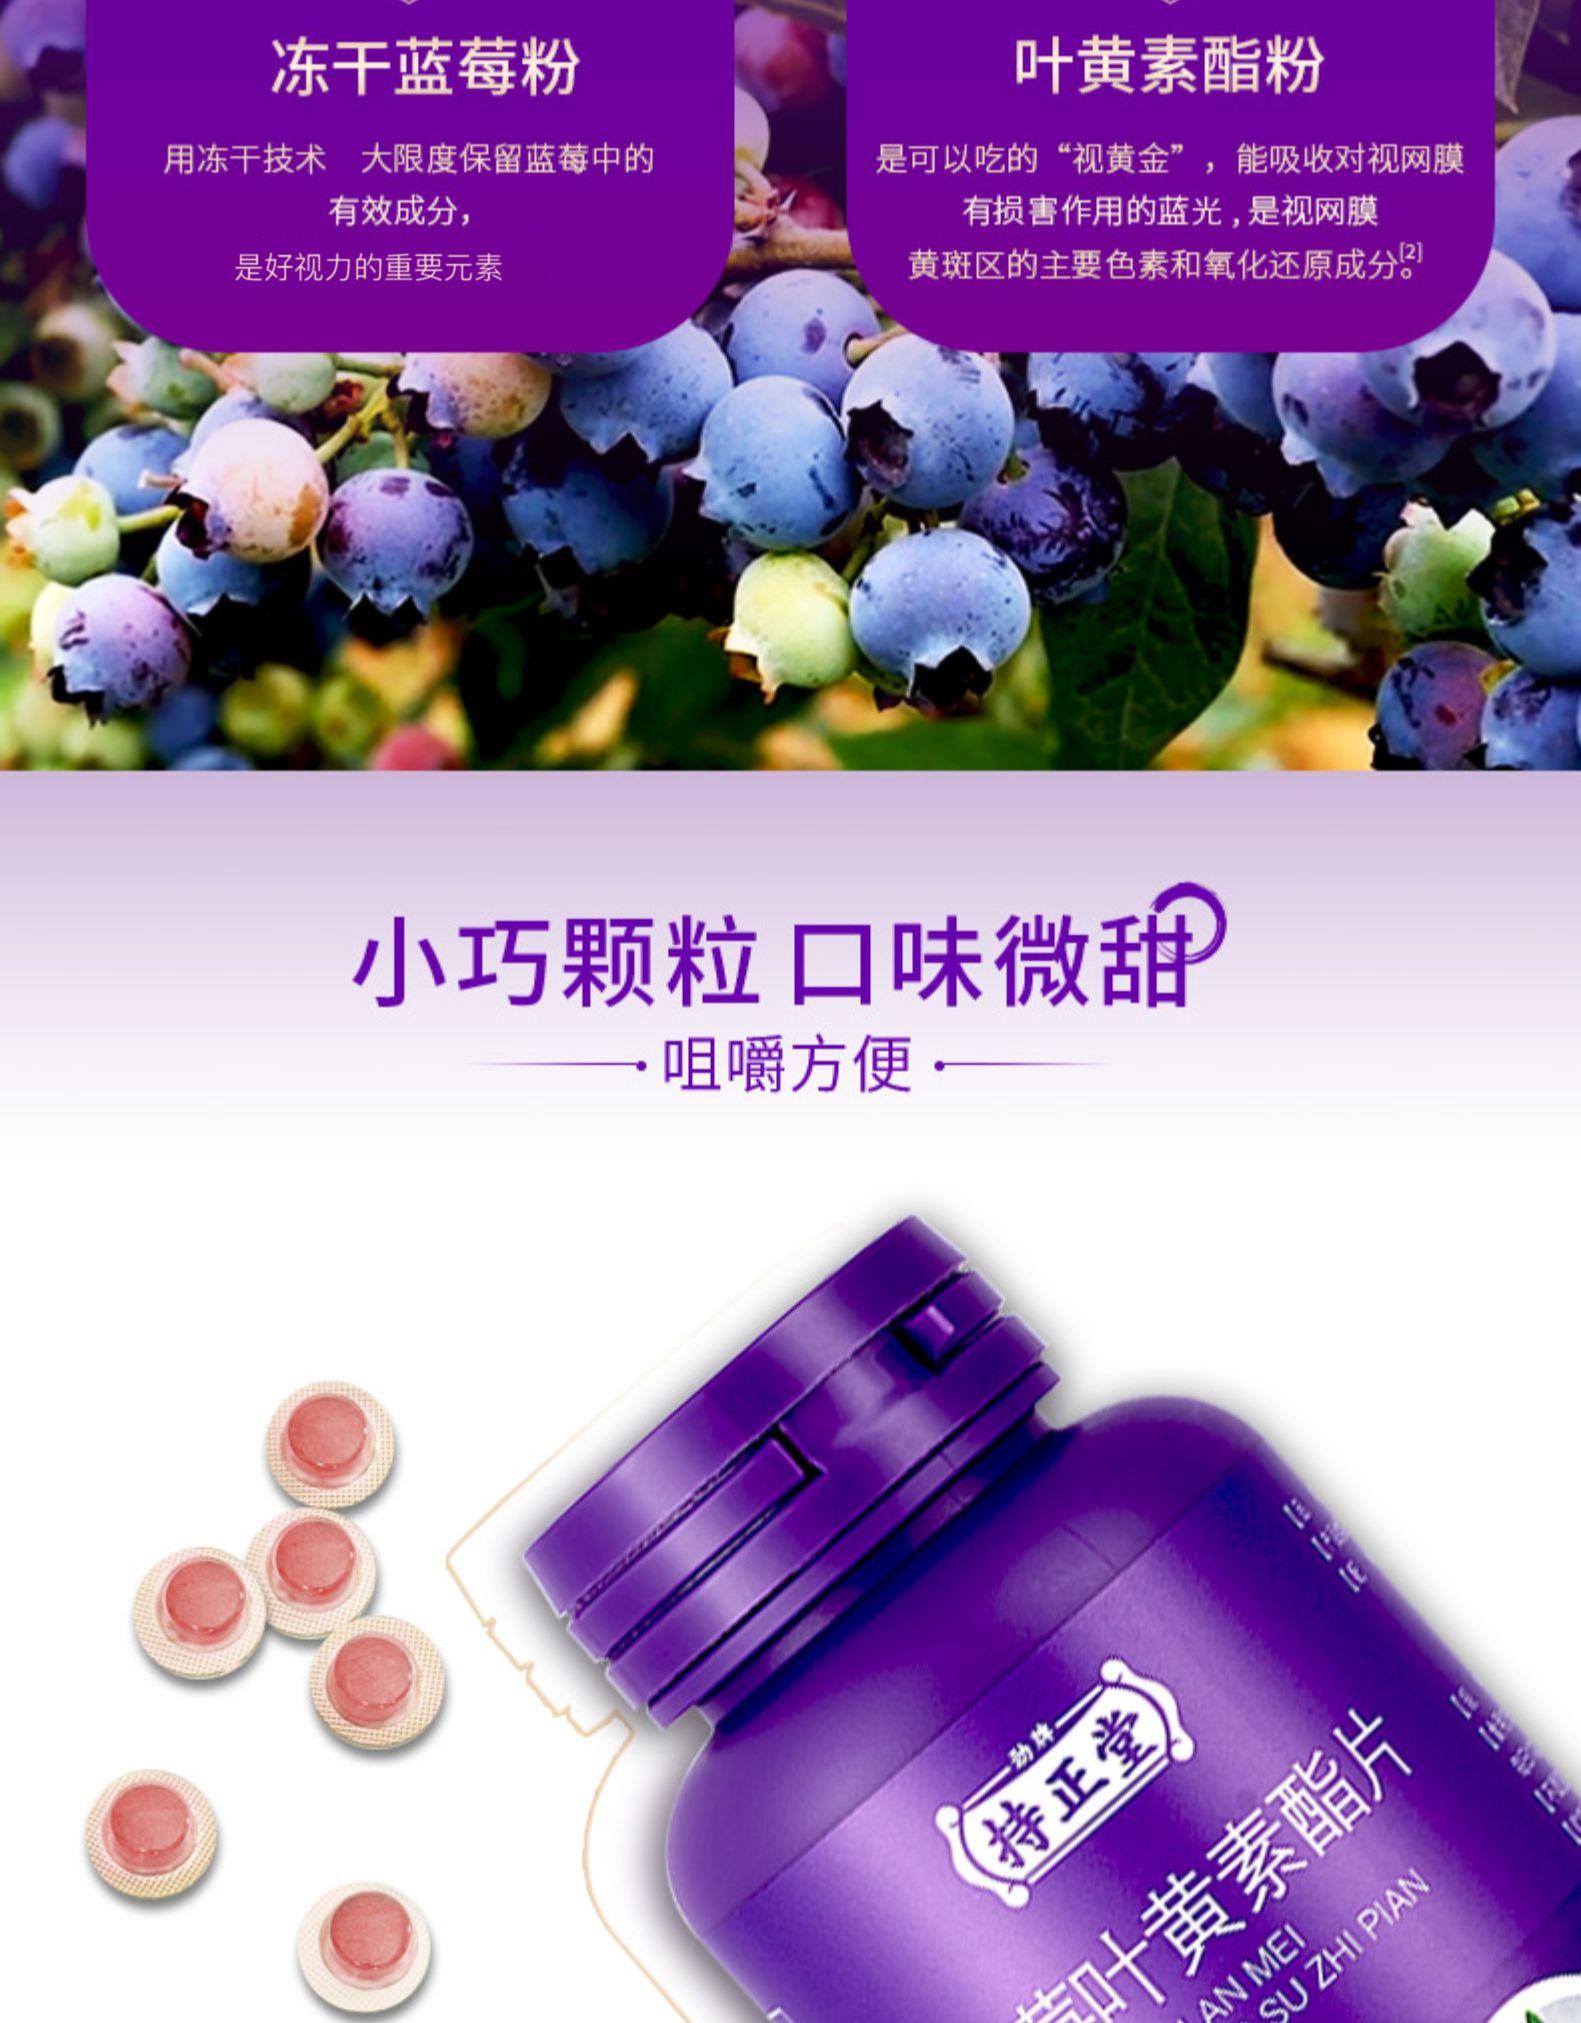 劲牌 持正堂 护眼蓝莓叶黄素酯片 图3